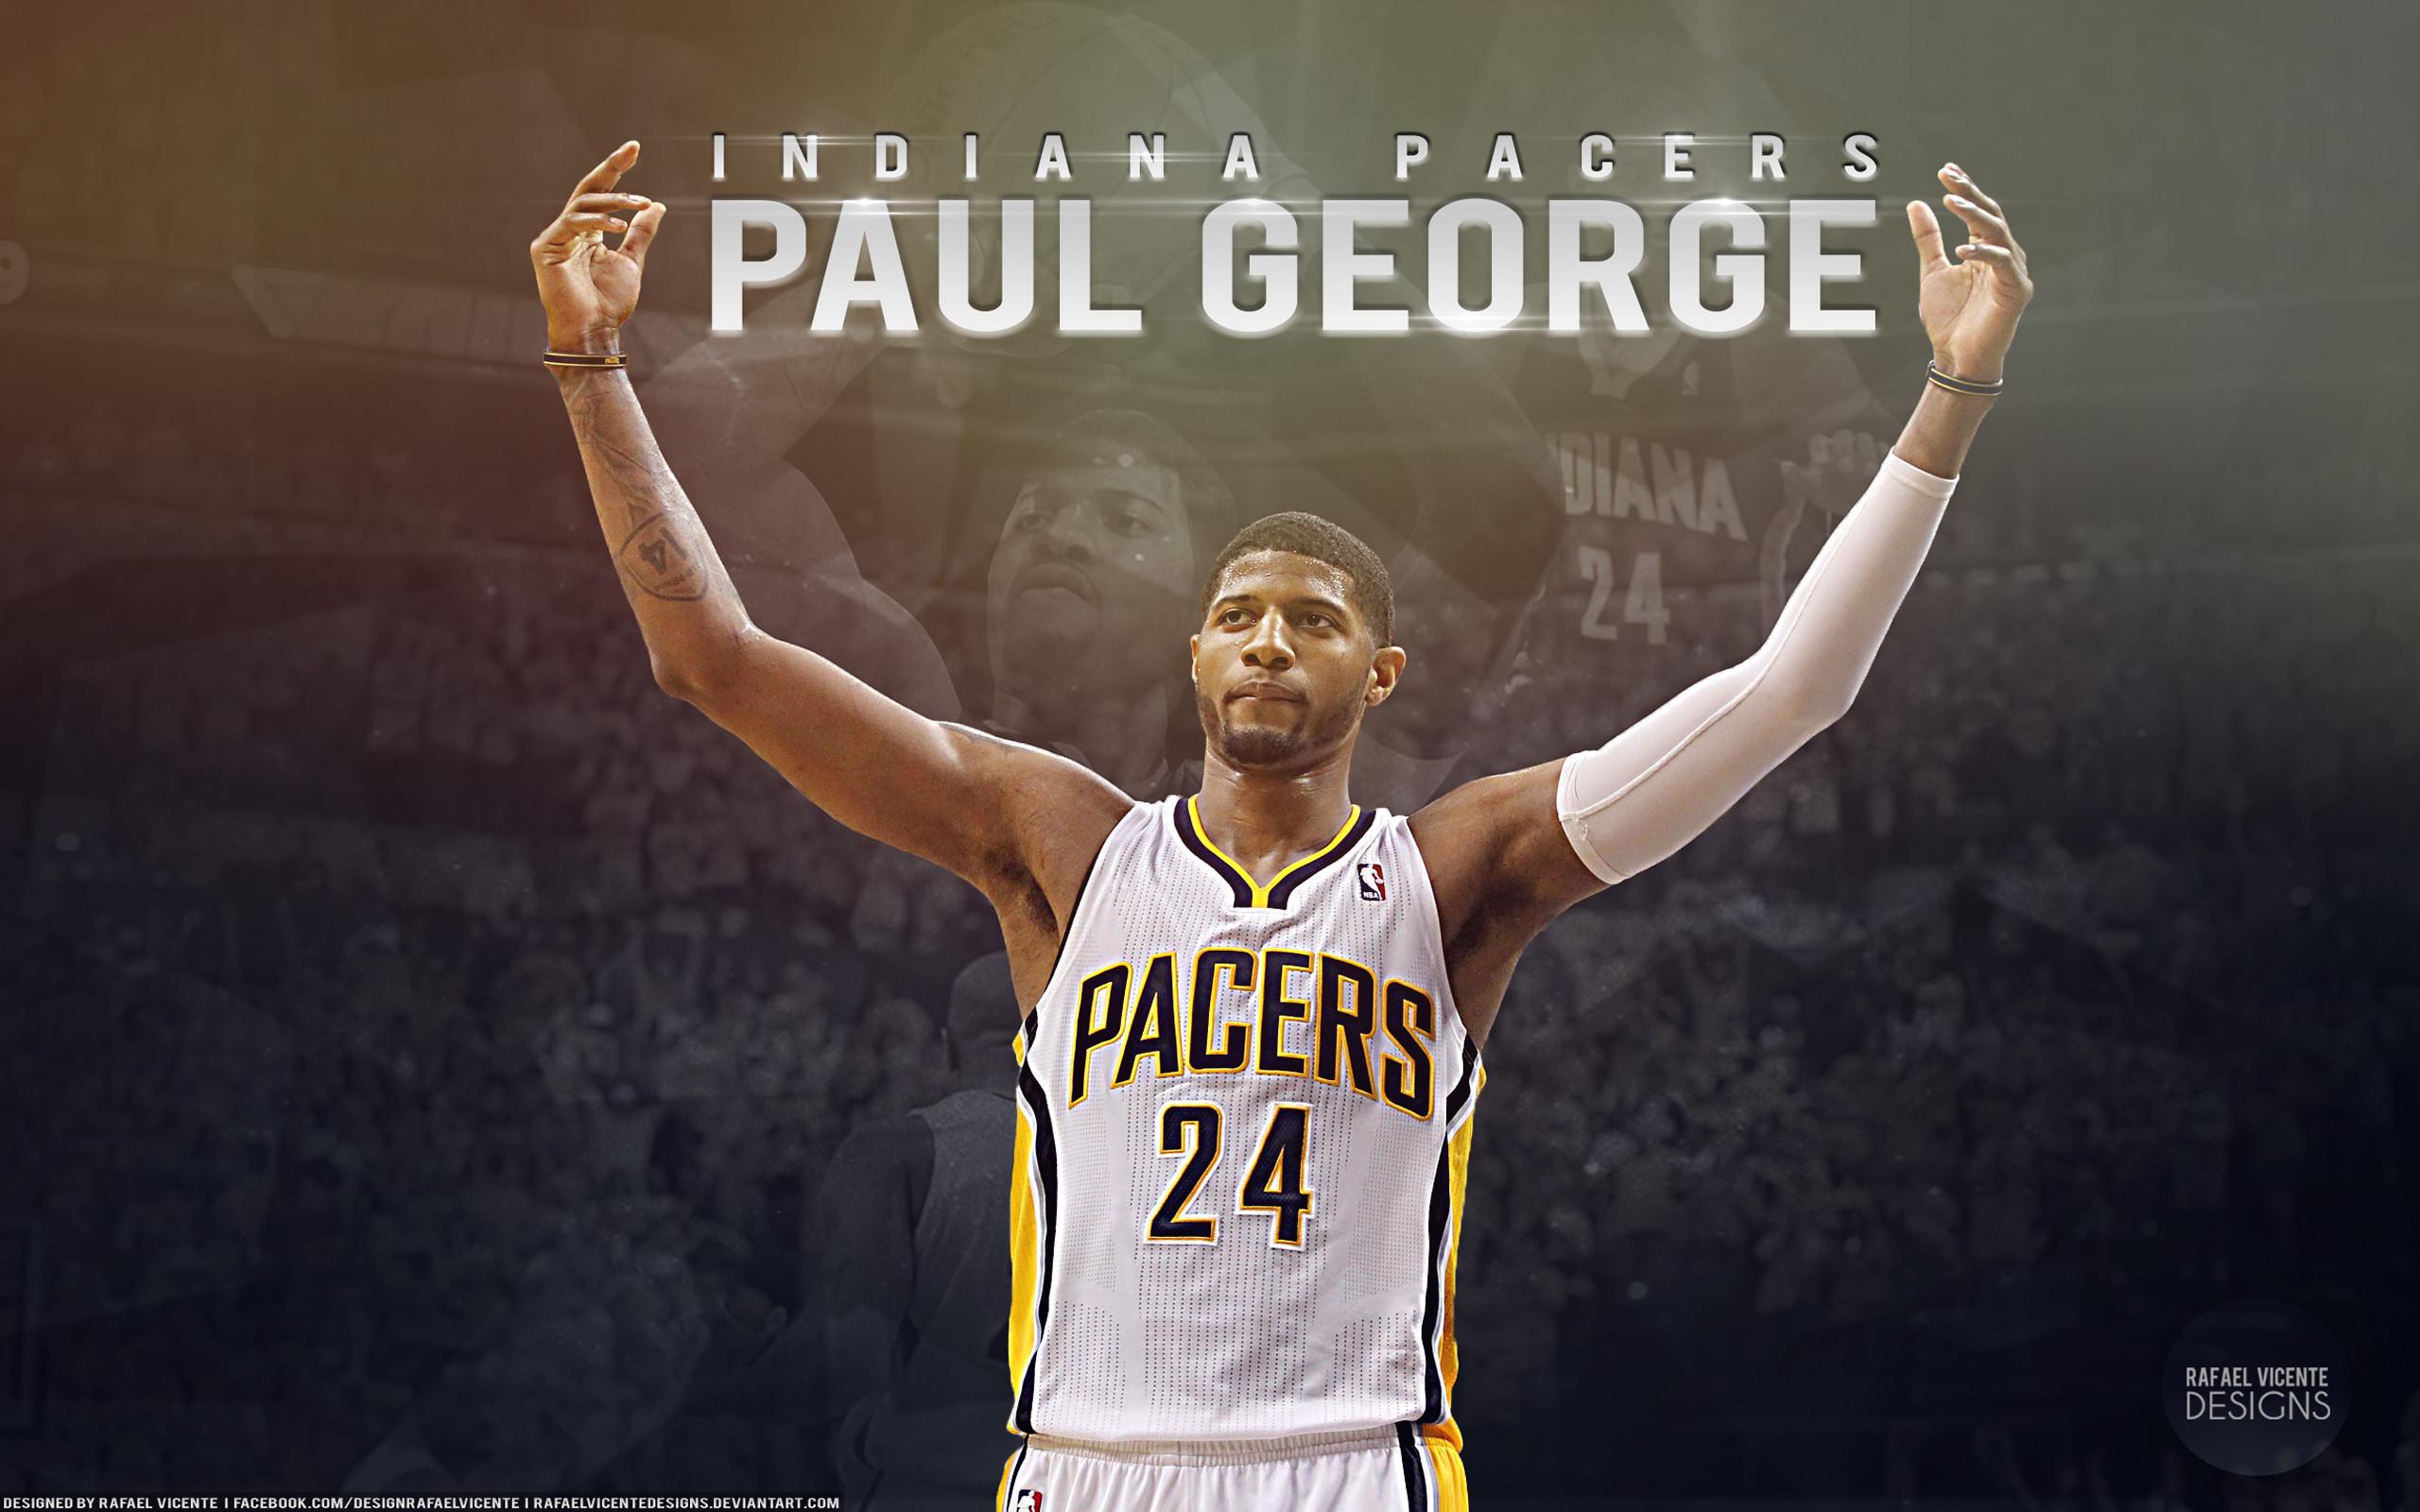 Paul George Pacers Wallpaper